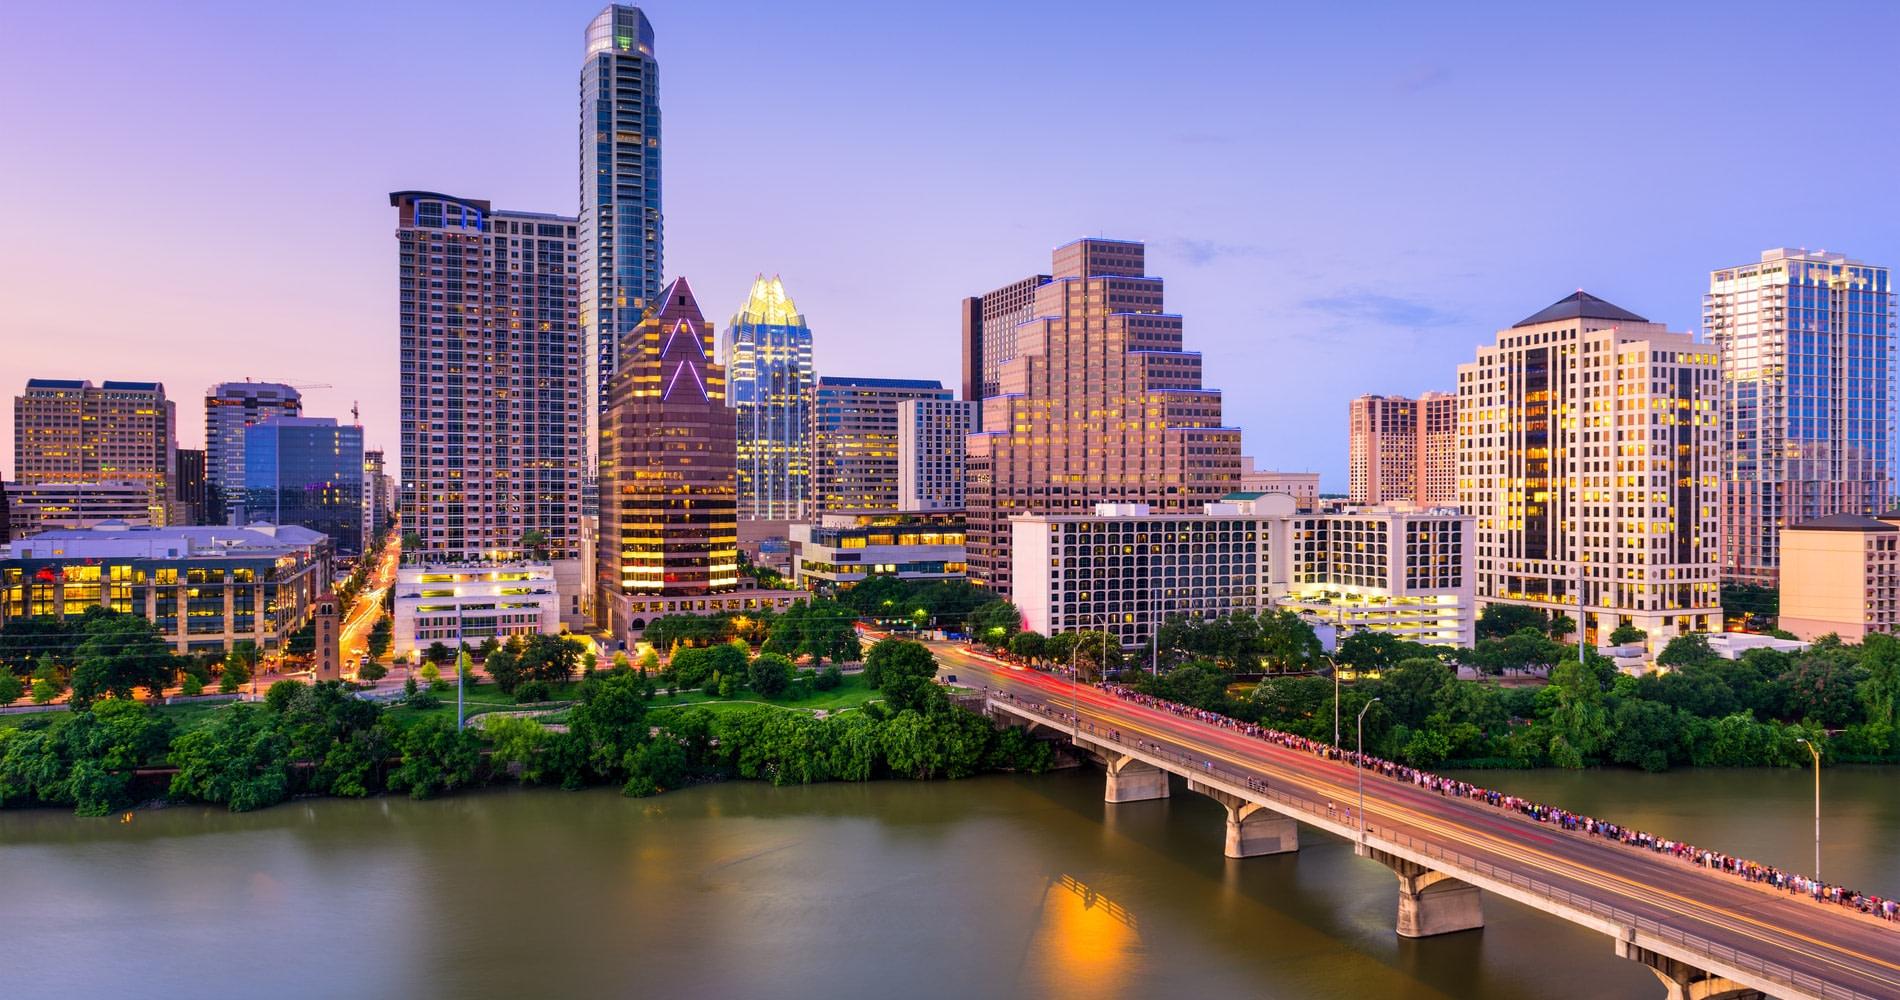 the Austin, Texas skyline